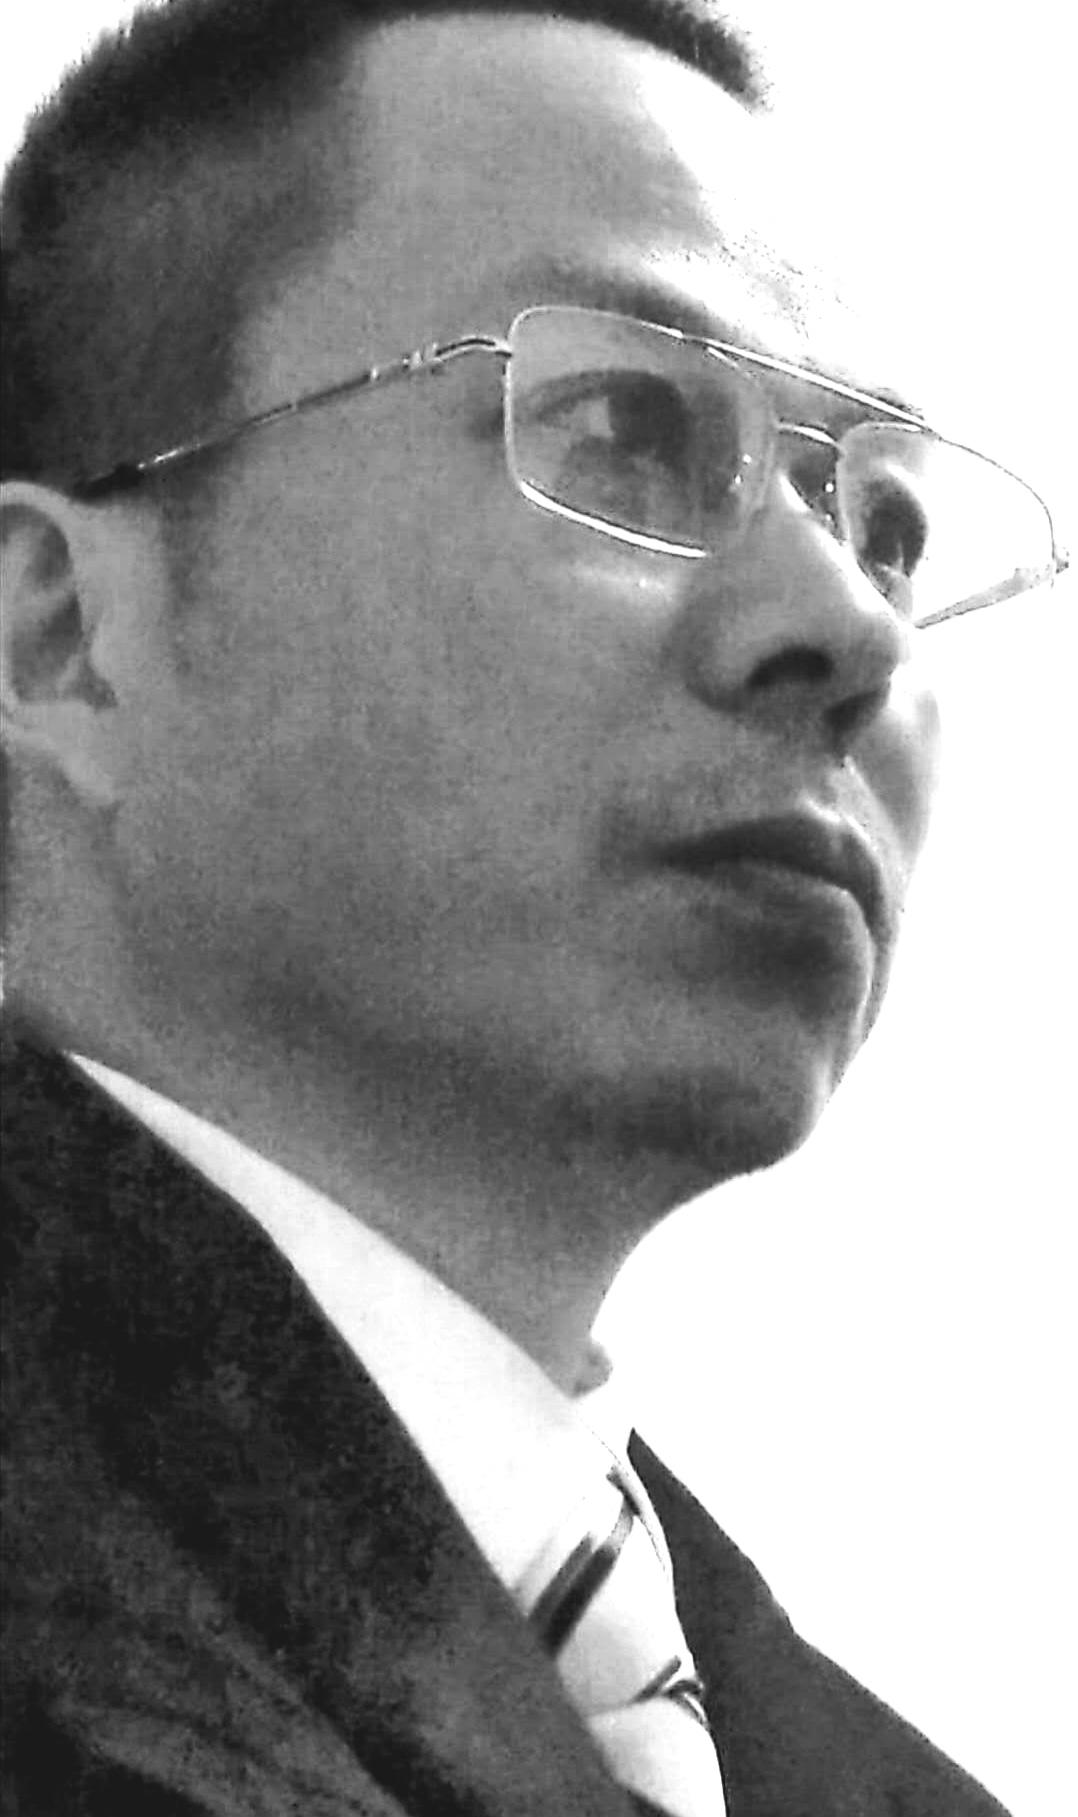 国内新闻:首届张正天超级中药课题专家交流会在京举行